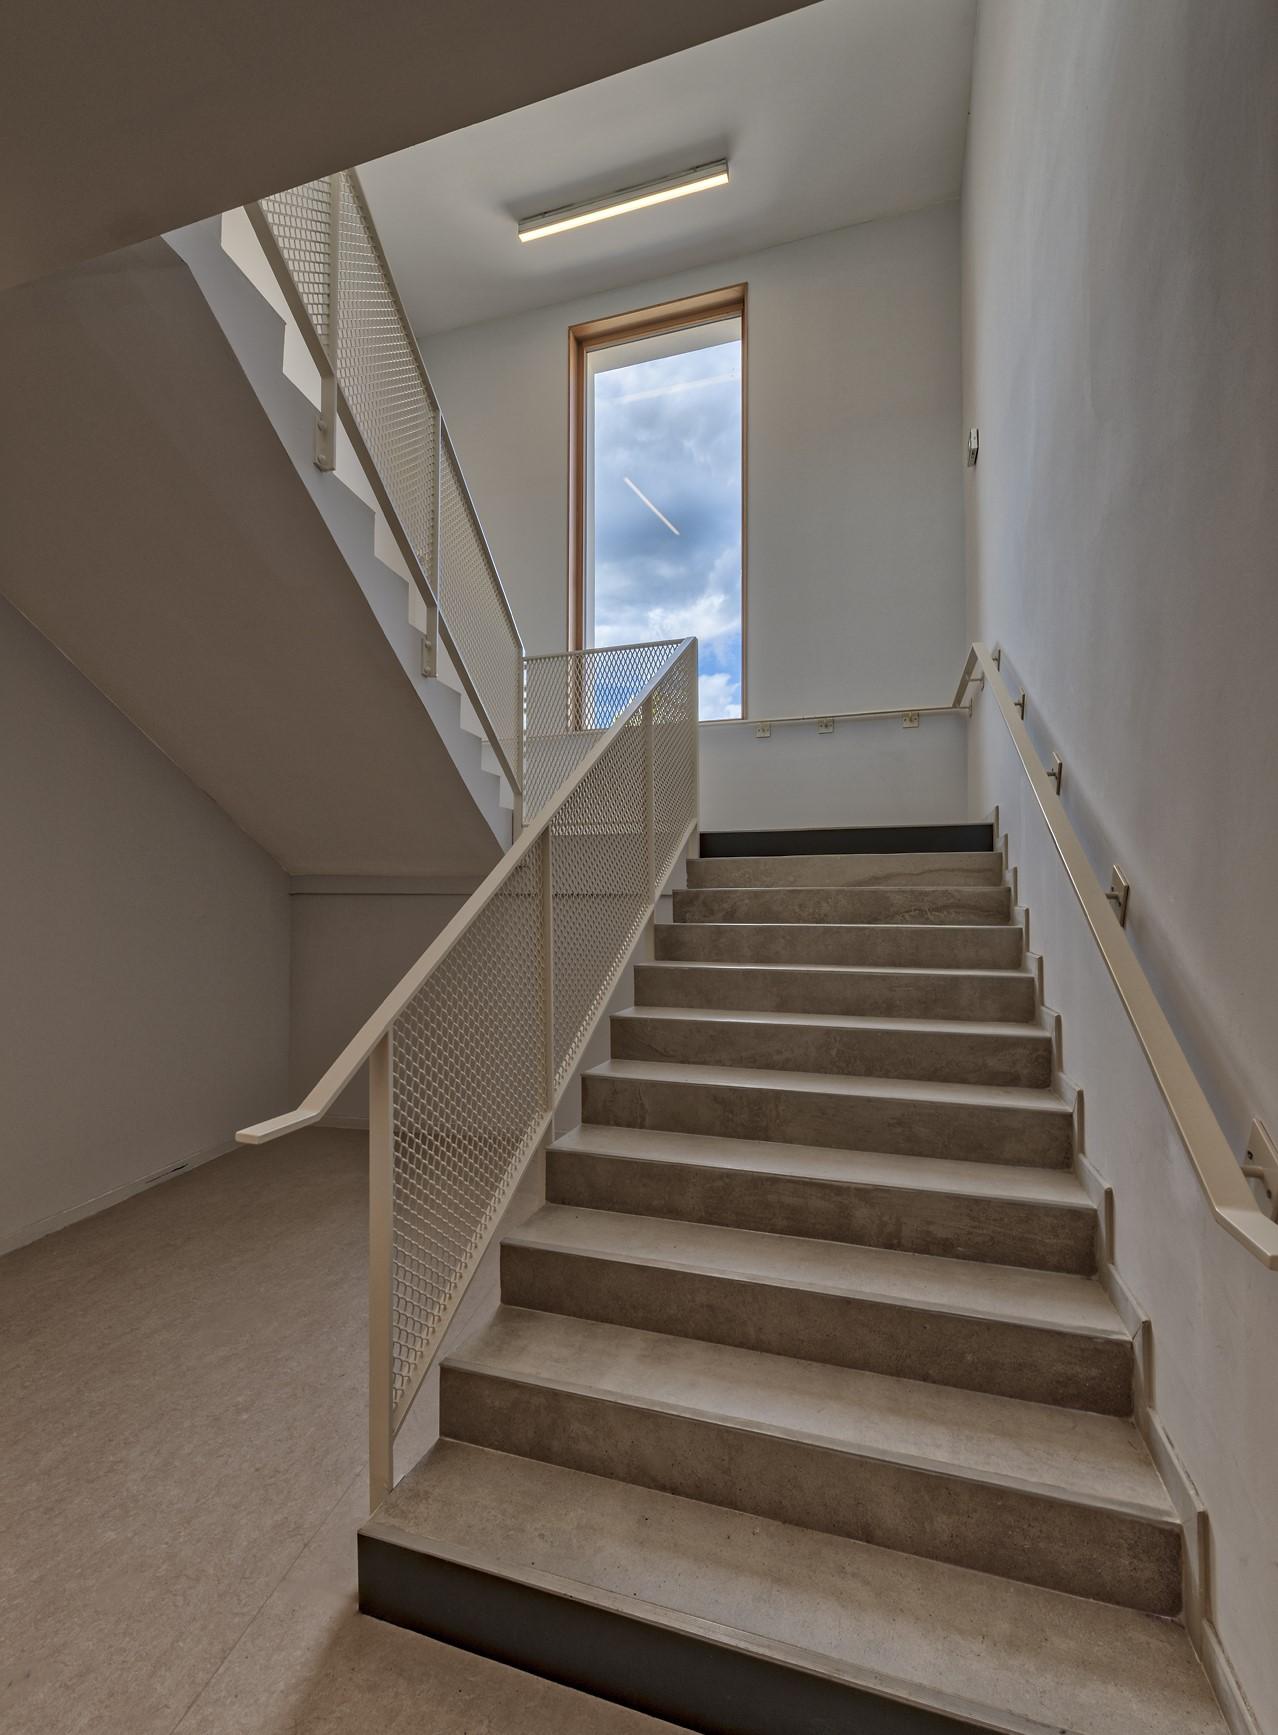 Eclairage de escalier dans l'école Simone Veil